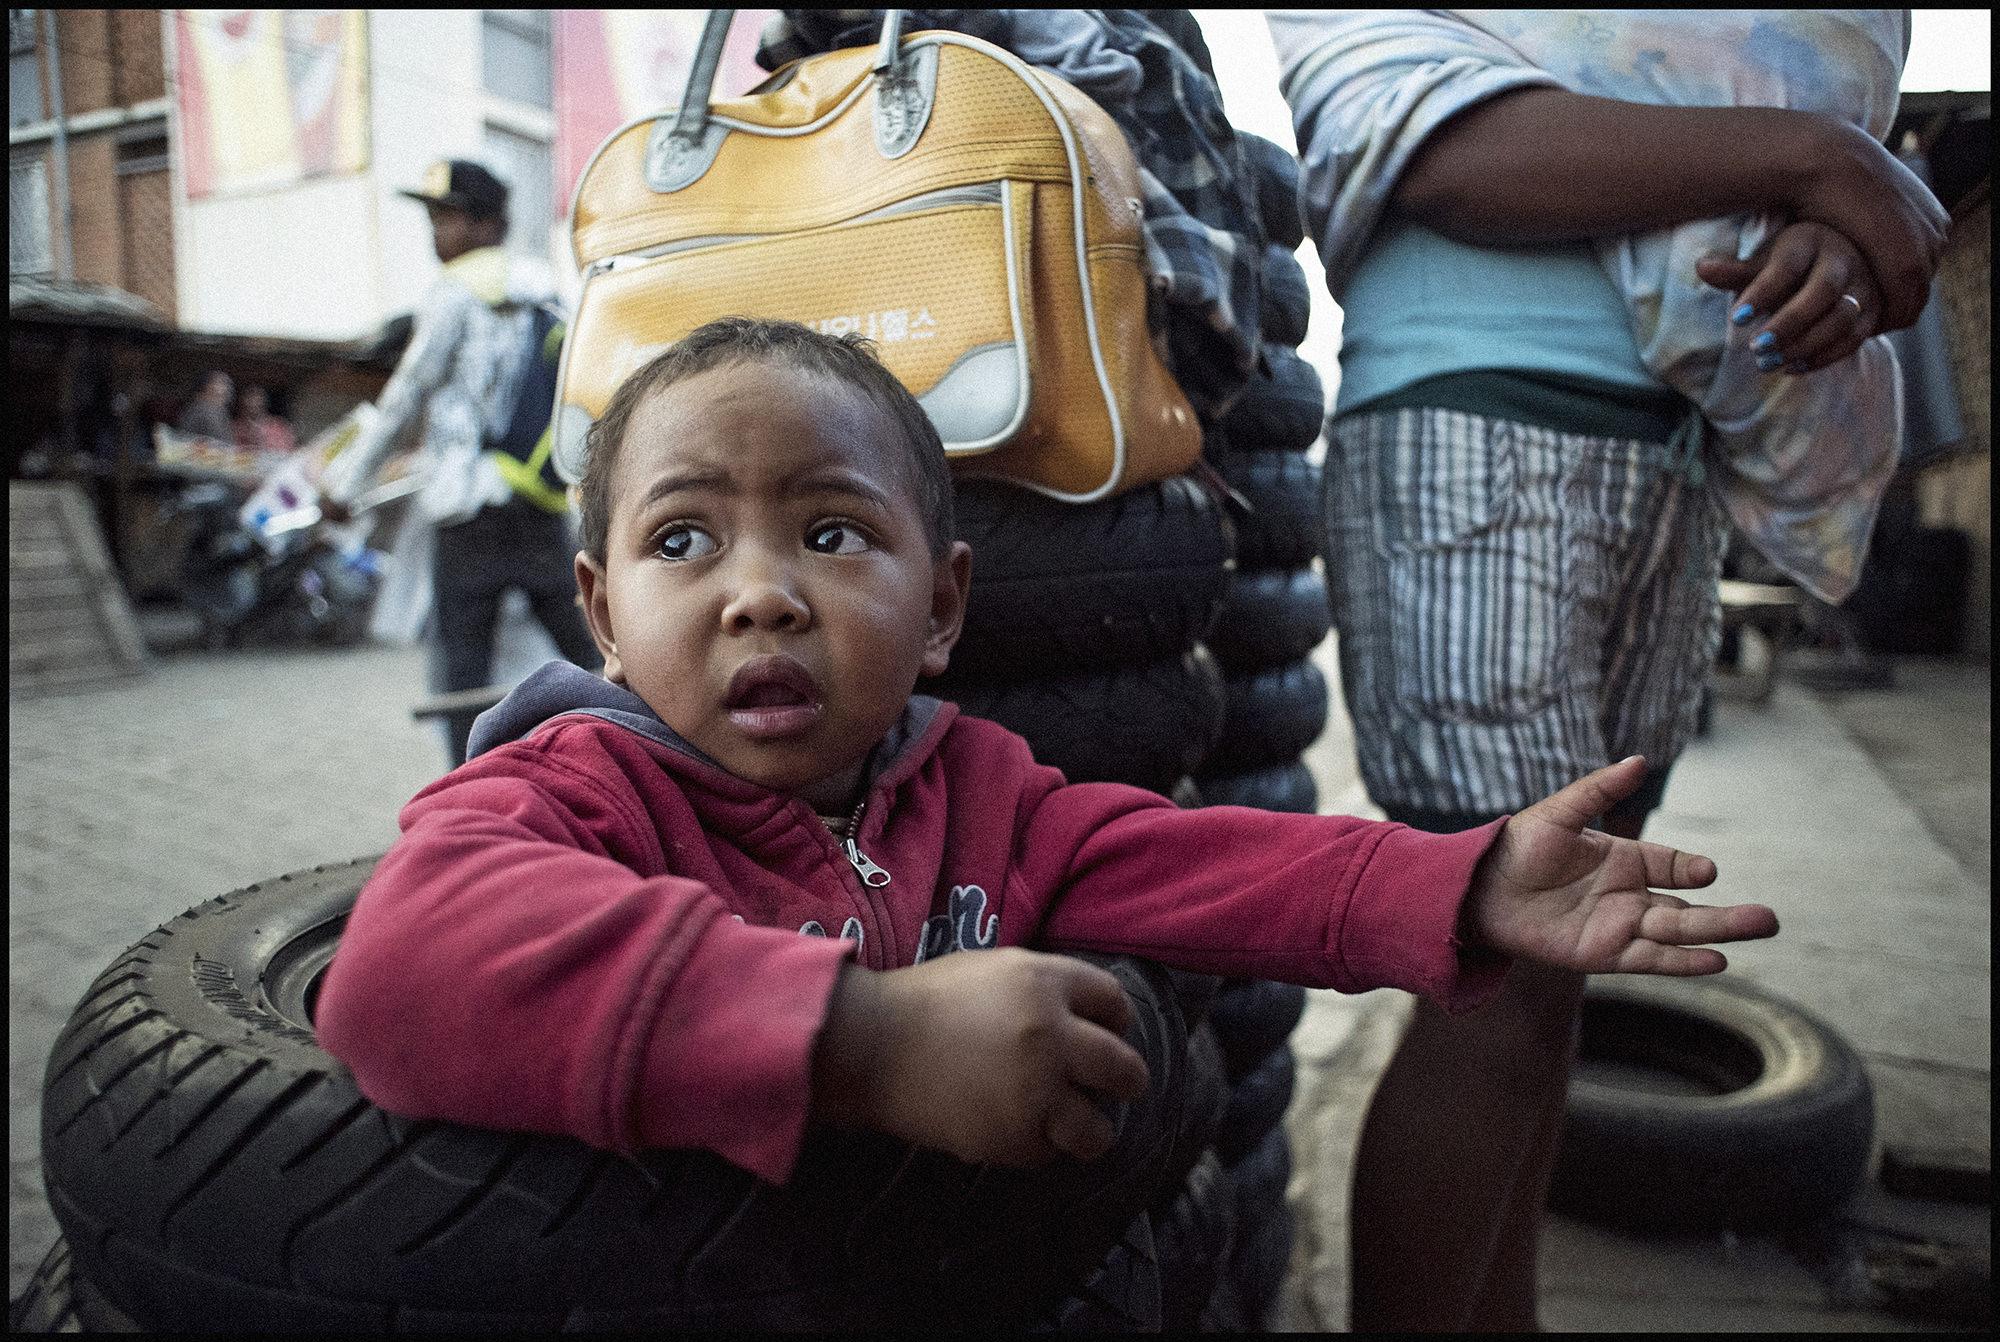 Digital Patrik Wallner Antananarivo In the Wheel LOWQ 2000P